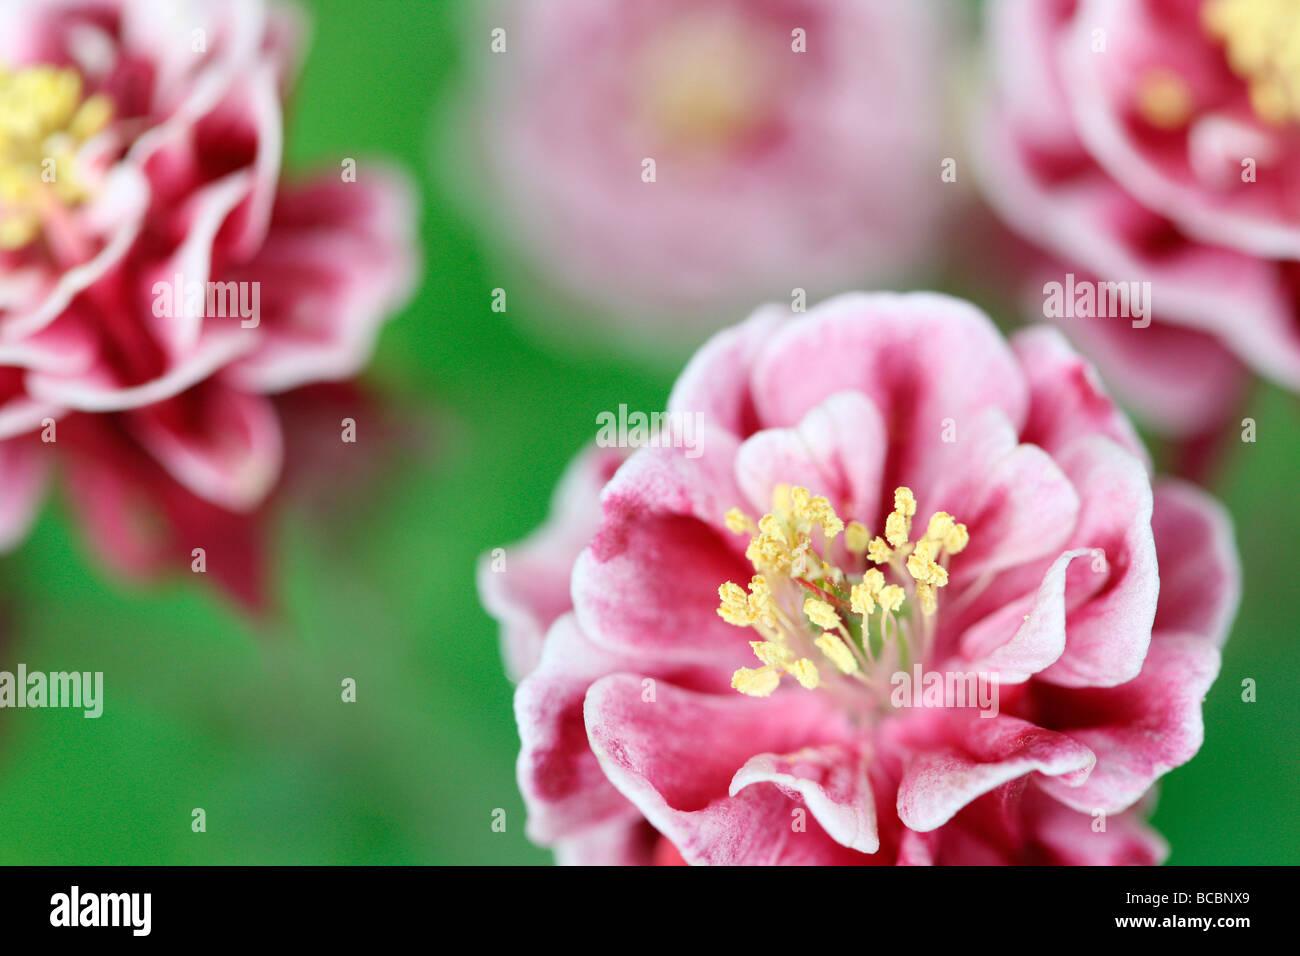 Belle chambre double ancolie rouge et blanc fine art photography Photographie Jane Ann Butler JABP486 Photo Stock